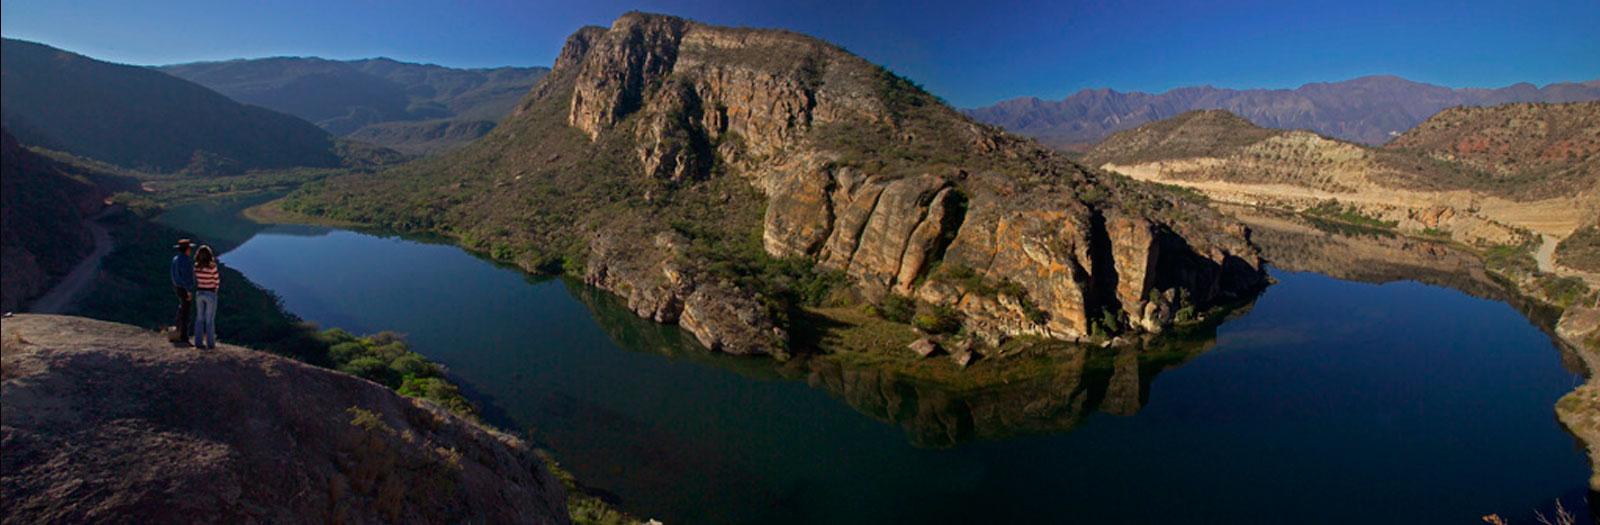 Dique Cabra Corral, Salta. Por Eliseo Miciu (gentileza de turismo.salta.gov.ar)